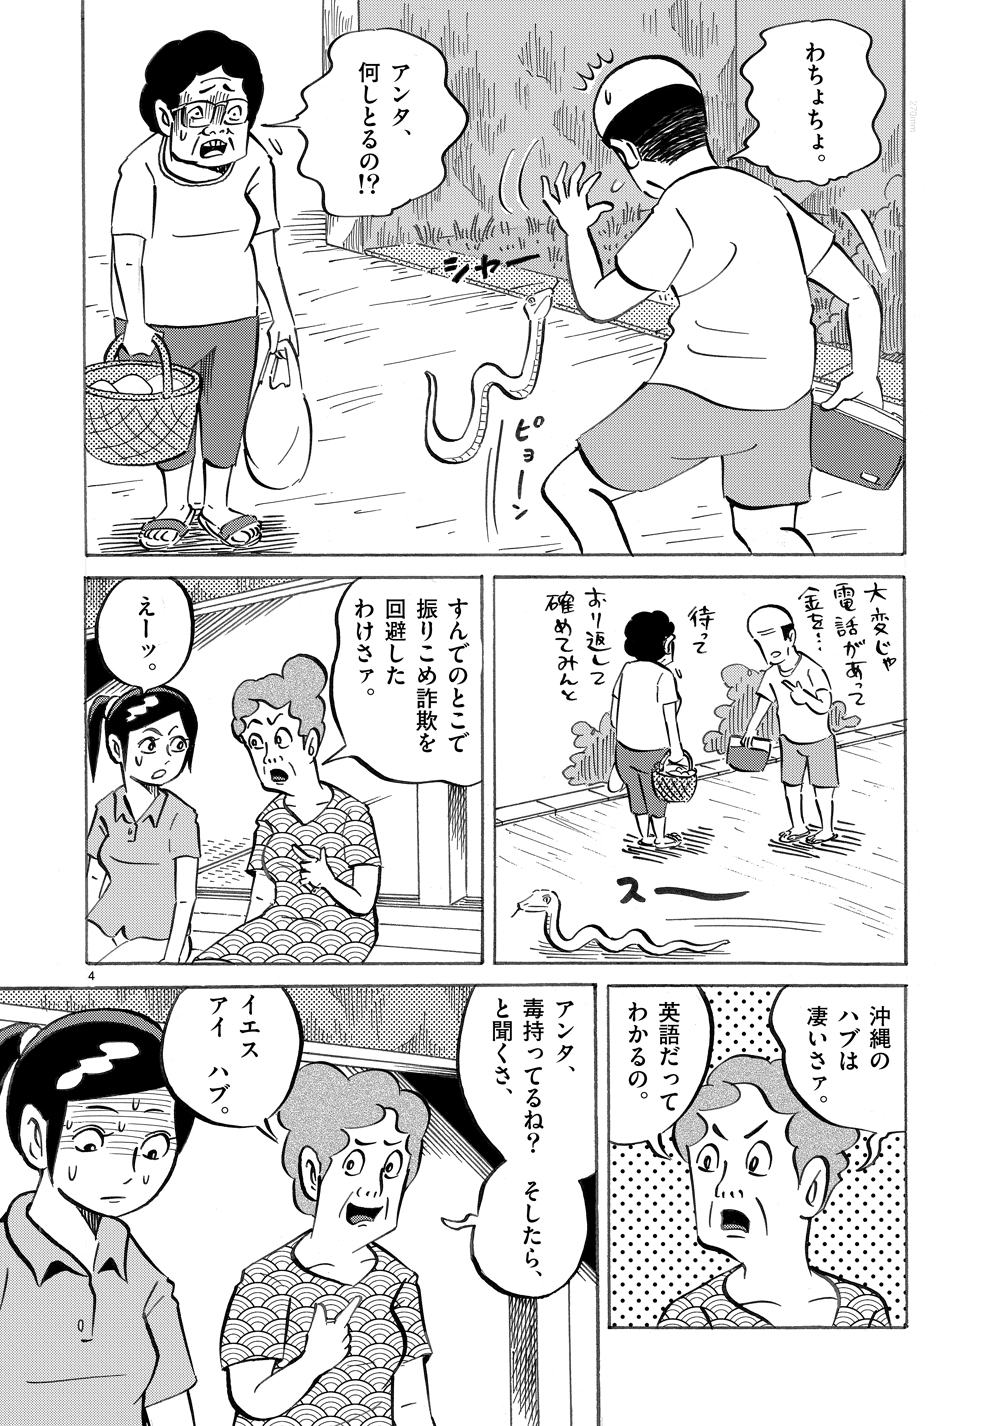 琉球怪談 【第8話】WEB掲載4ページ目画像